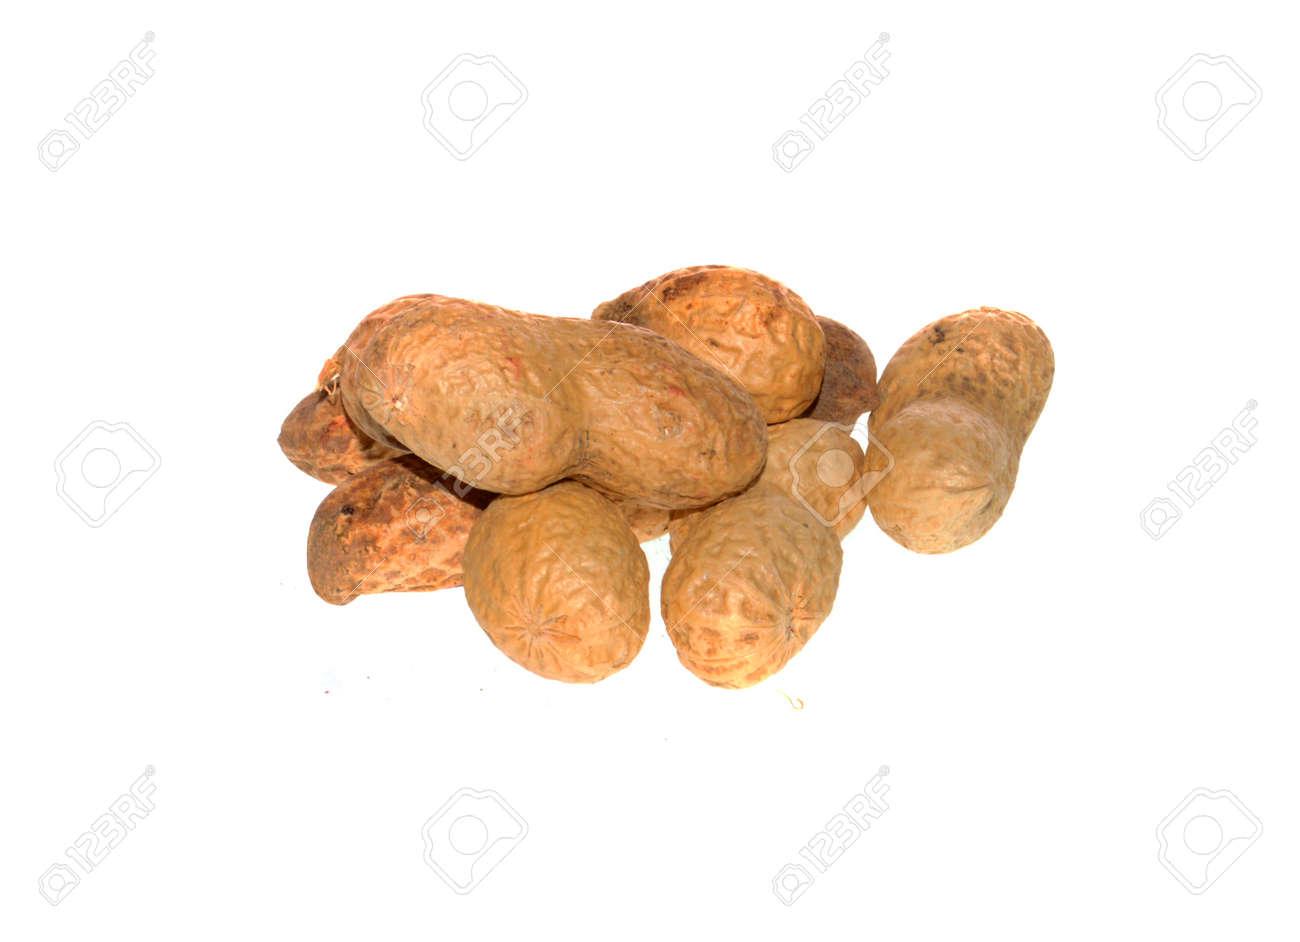 walnut isolated on white background - 171981139